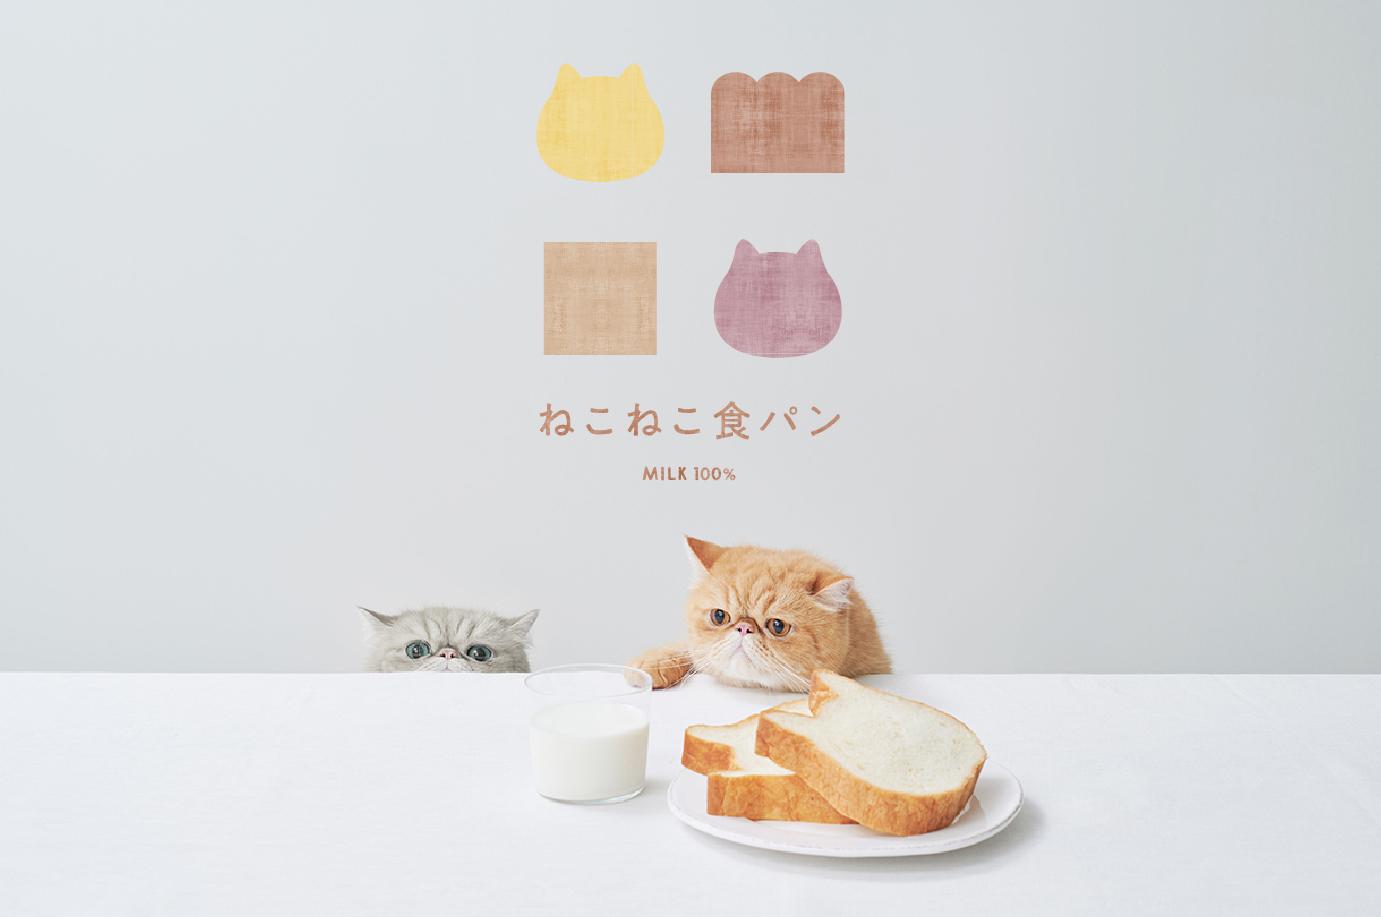 【天神エリアに初登場!】ねこの形の高級食パン専門店「ねこねこ食パン」が期間限定で福岡三越に催事出店 画像